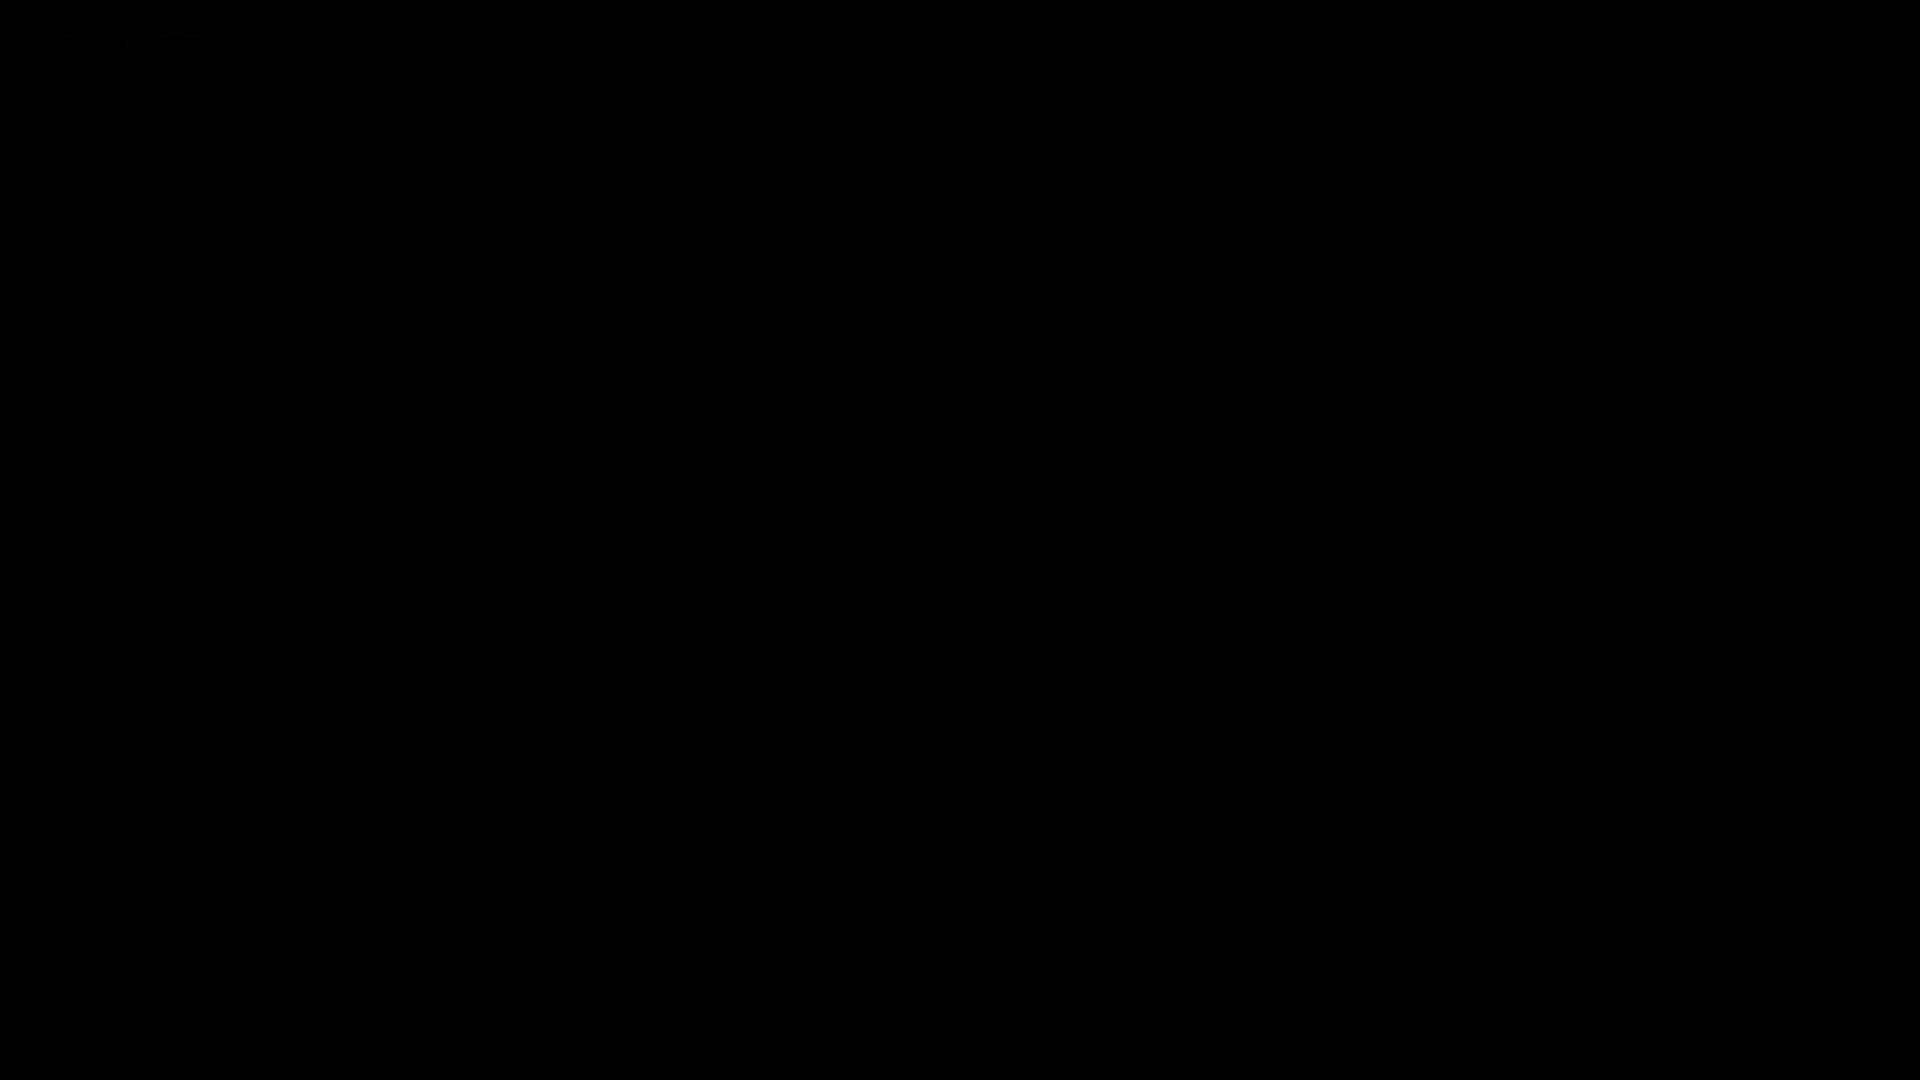 階段パンチラ Vol.04 グループ エロ画像 113画像 95